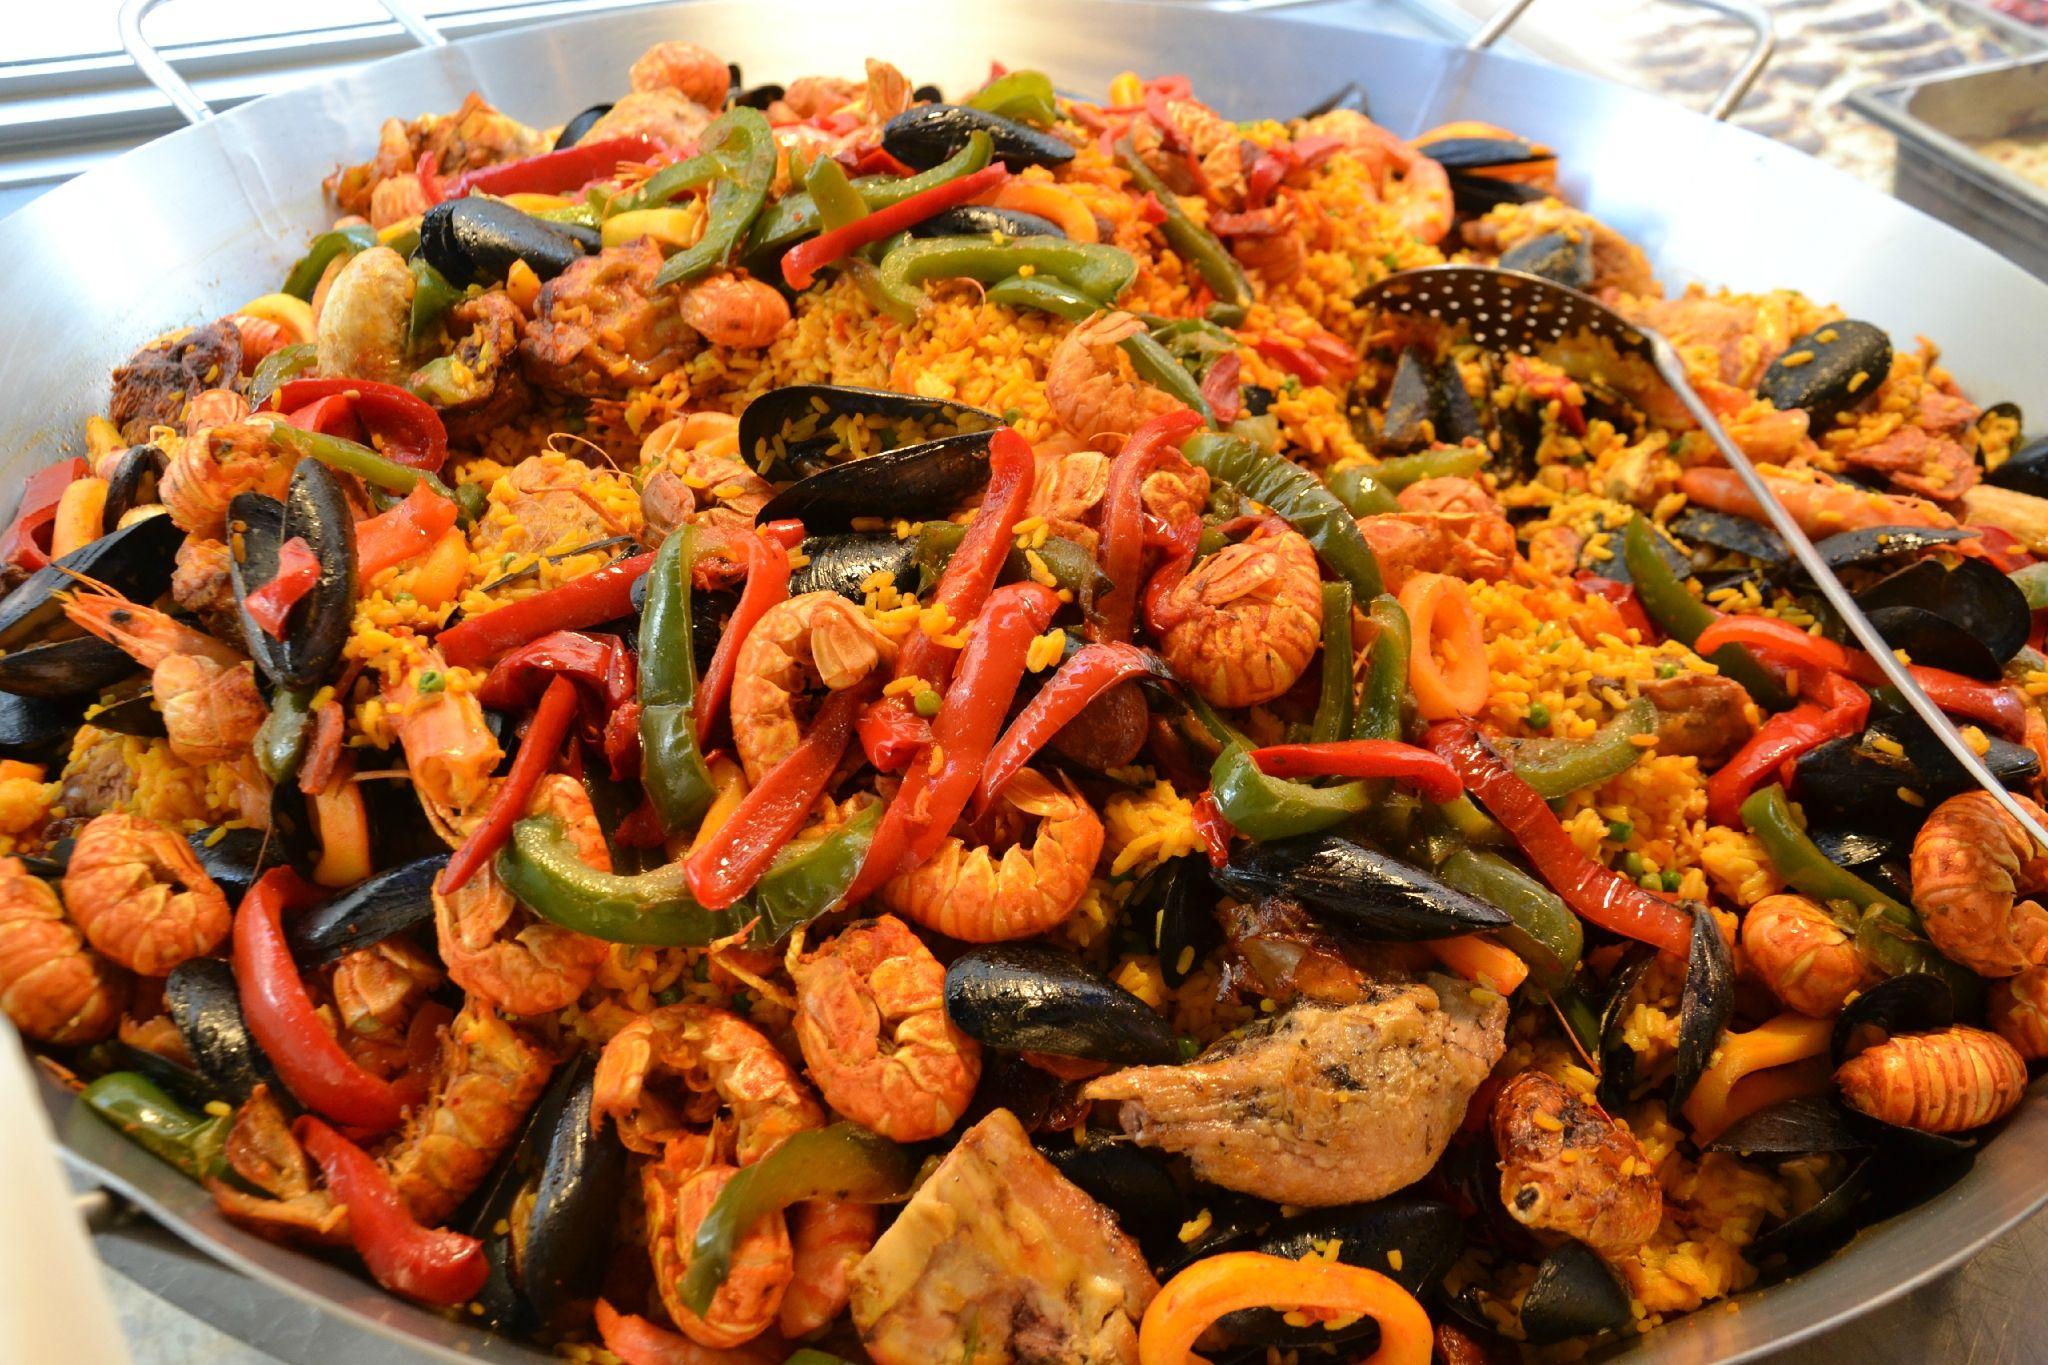 Les 25 meilleures id es de la cat gorie paella recette sur pinterest paella paella aux pates - La cuisine espagnole expose ...